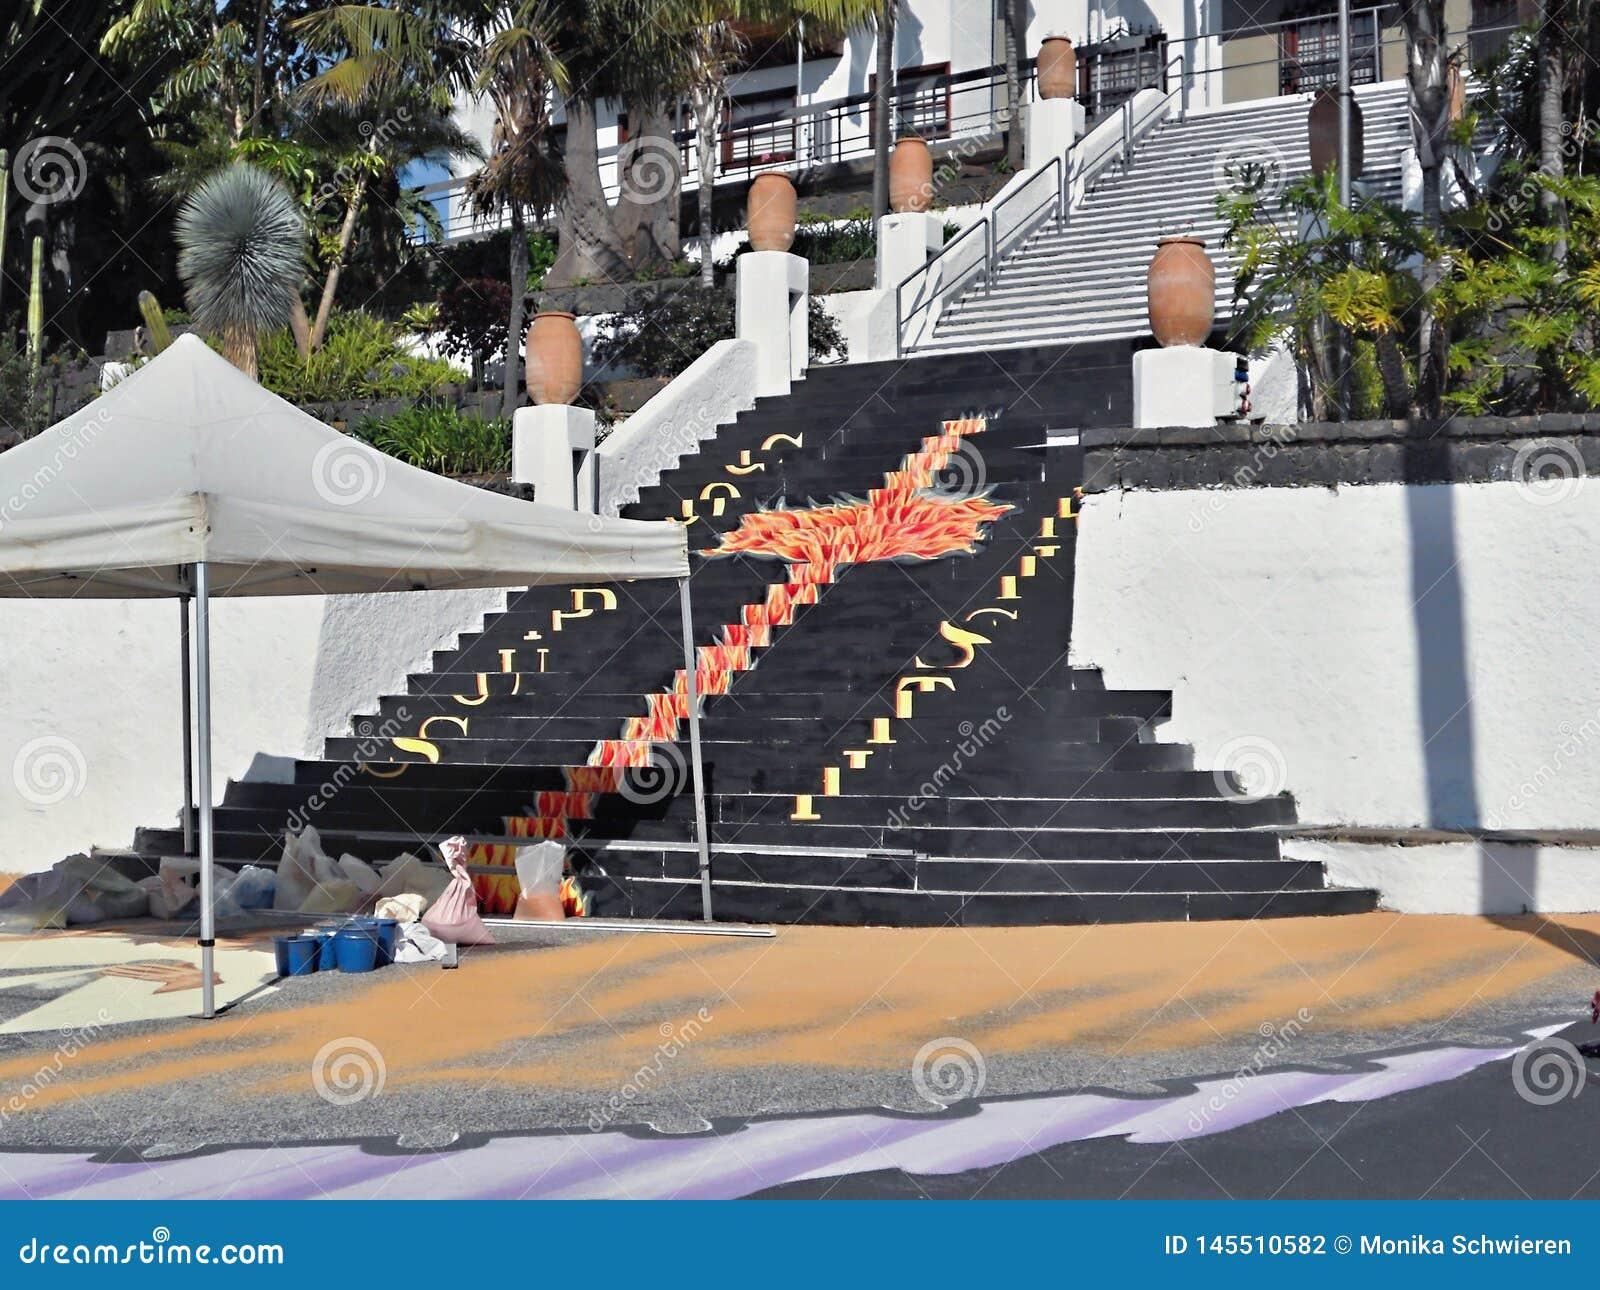 Anl?sslich des Korpus Christi Day in Teneriffa, wird eine enorme Malerei, die vom bunten Lavasand gemacht wird, in Teneriffa im J